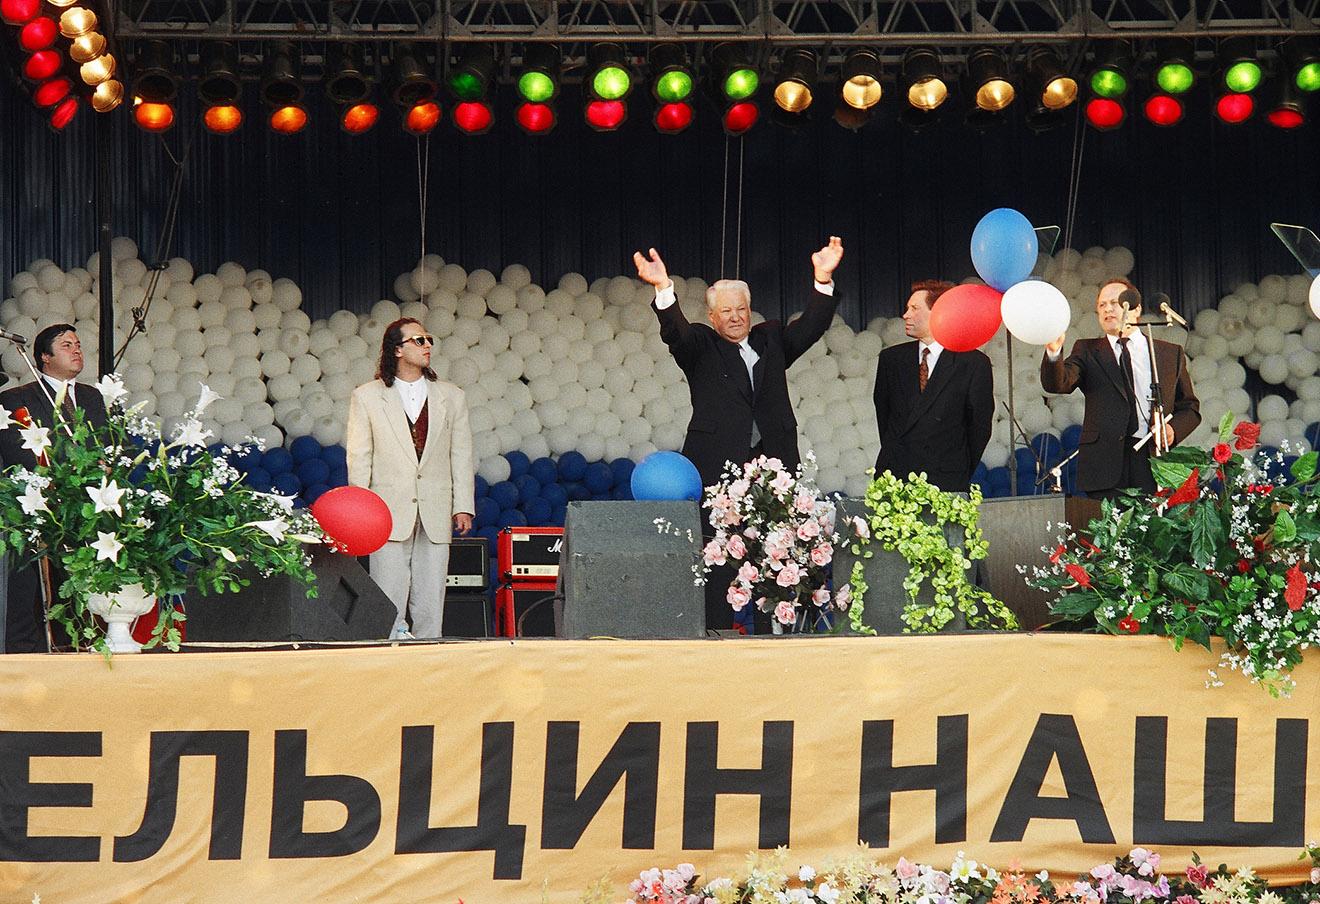 Борис Ельцин (в центре), губернатор Санкт-Петербурга Владимир Яковлев (второй справа) и актер Дмитрий Нагиев (второй слева) во время предвыборной агитации на Дворцовой площади, 1996 год. Фото: Павел Маркин / Интерпресс / ТАСС